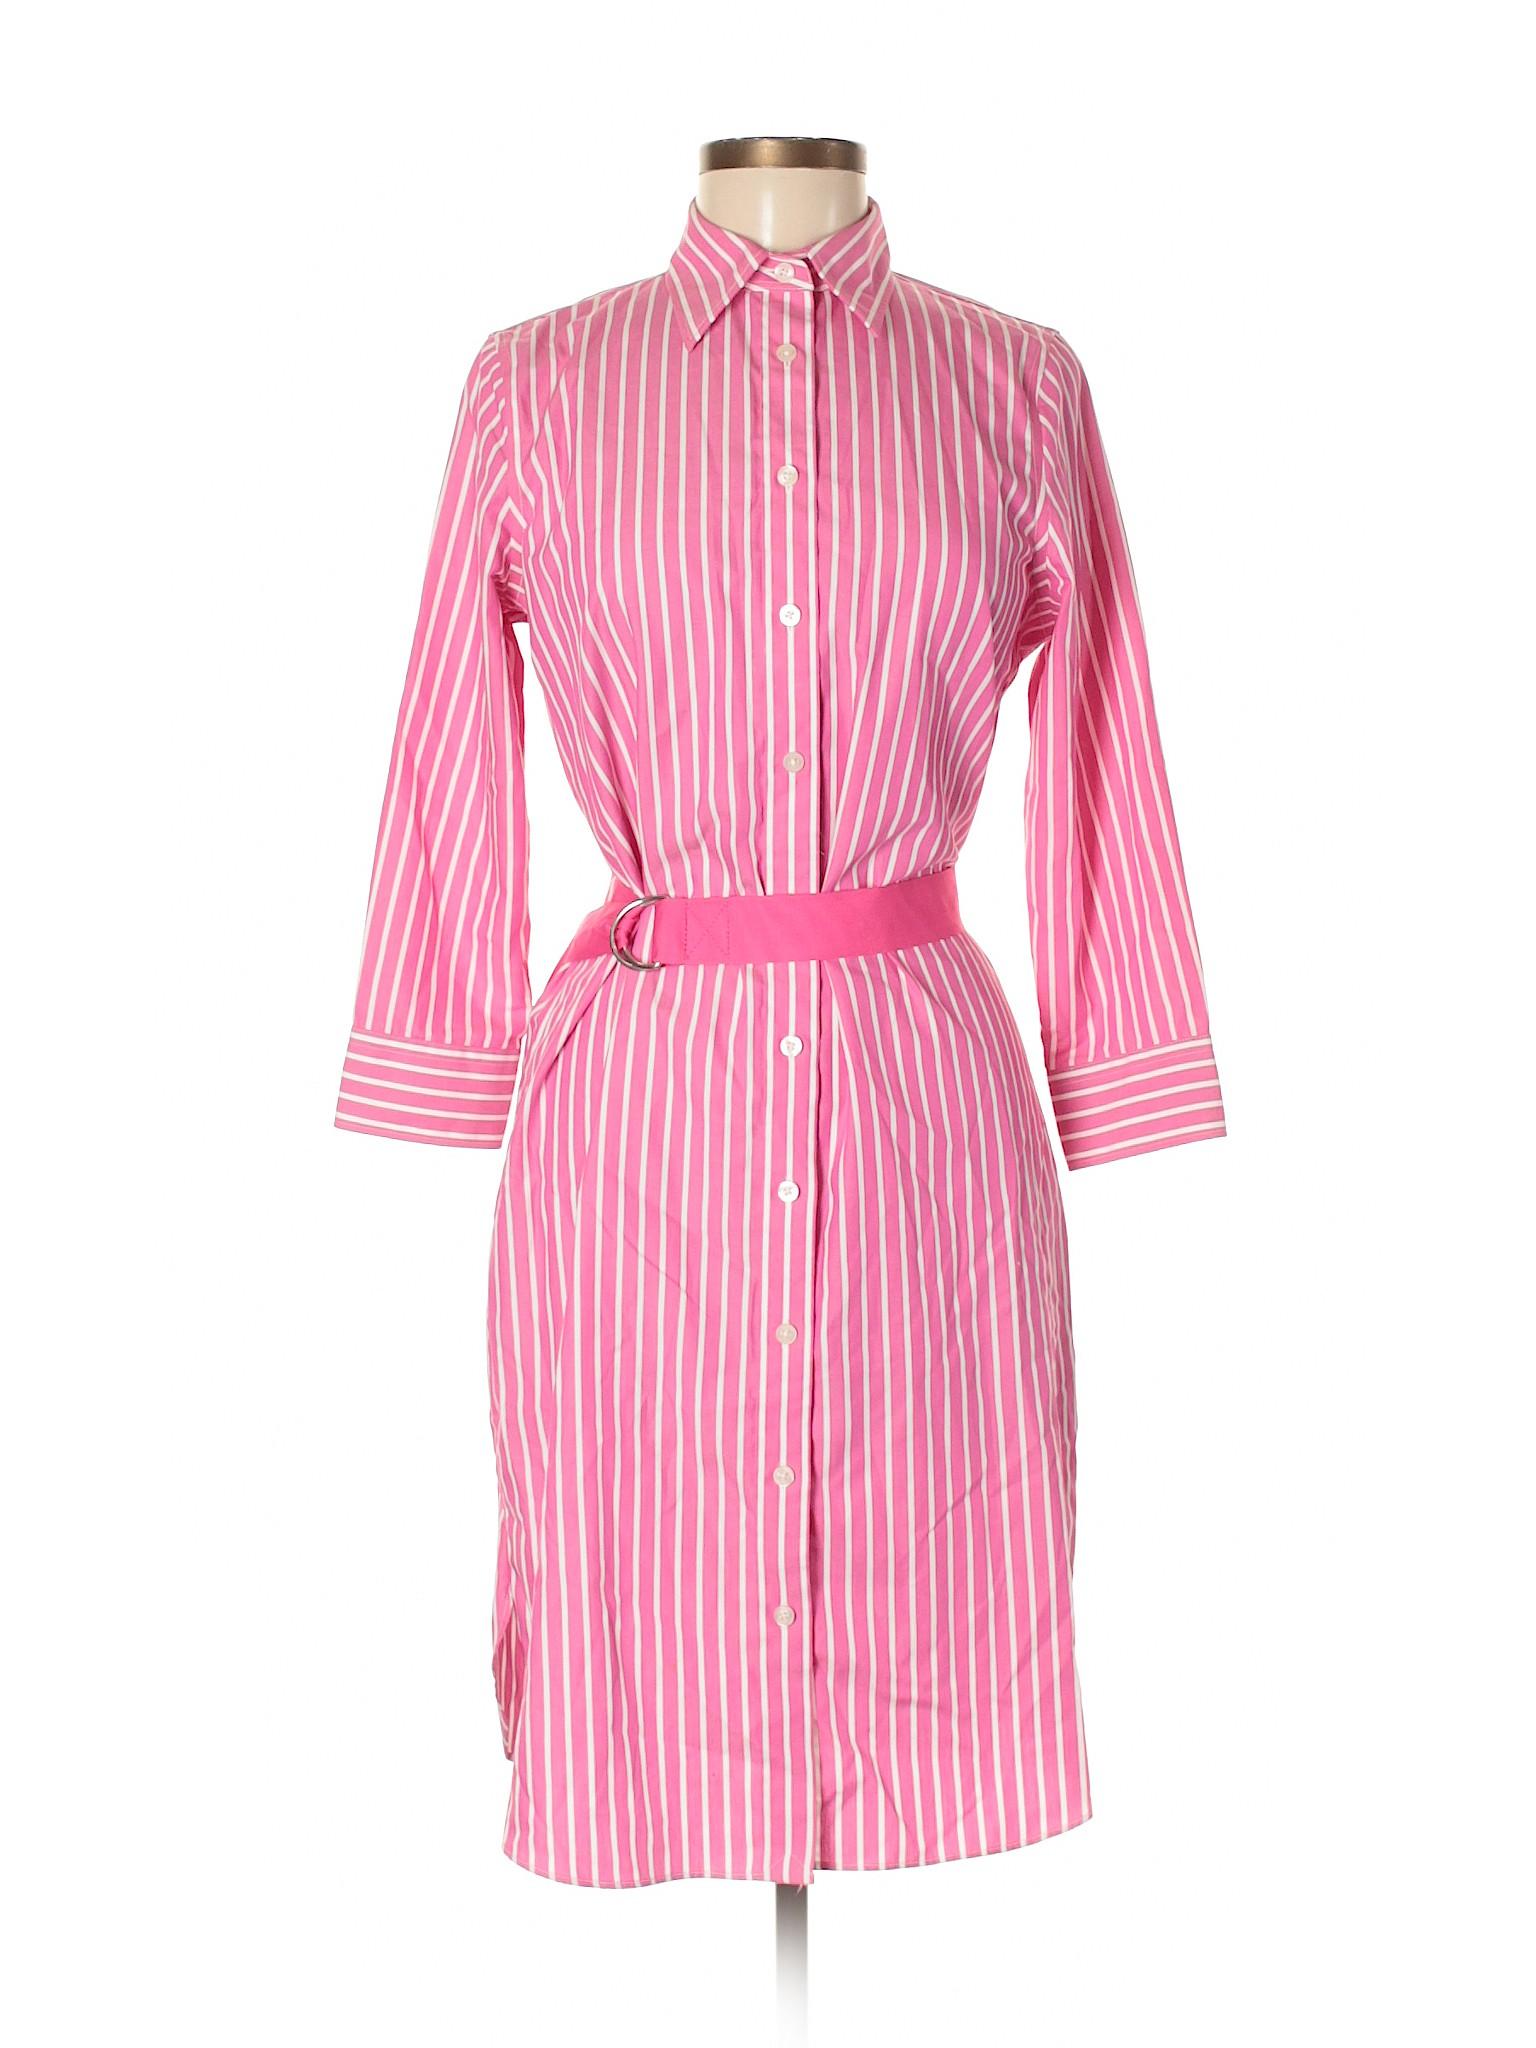 Dress Casual Boutique winter winter Boutique Chaps qwwzRIvWXH